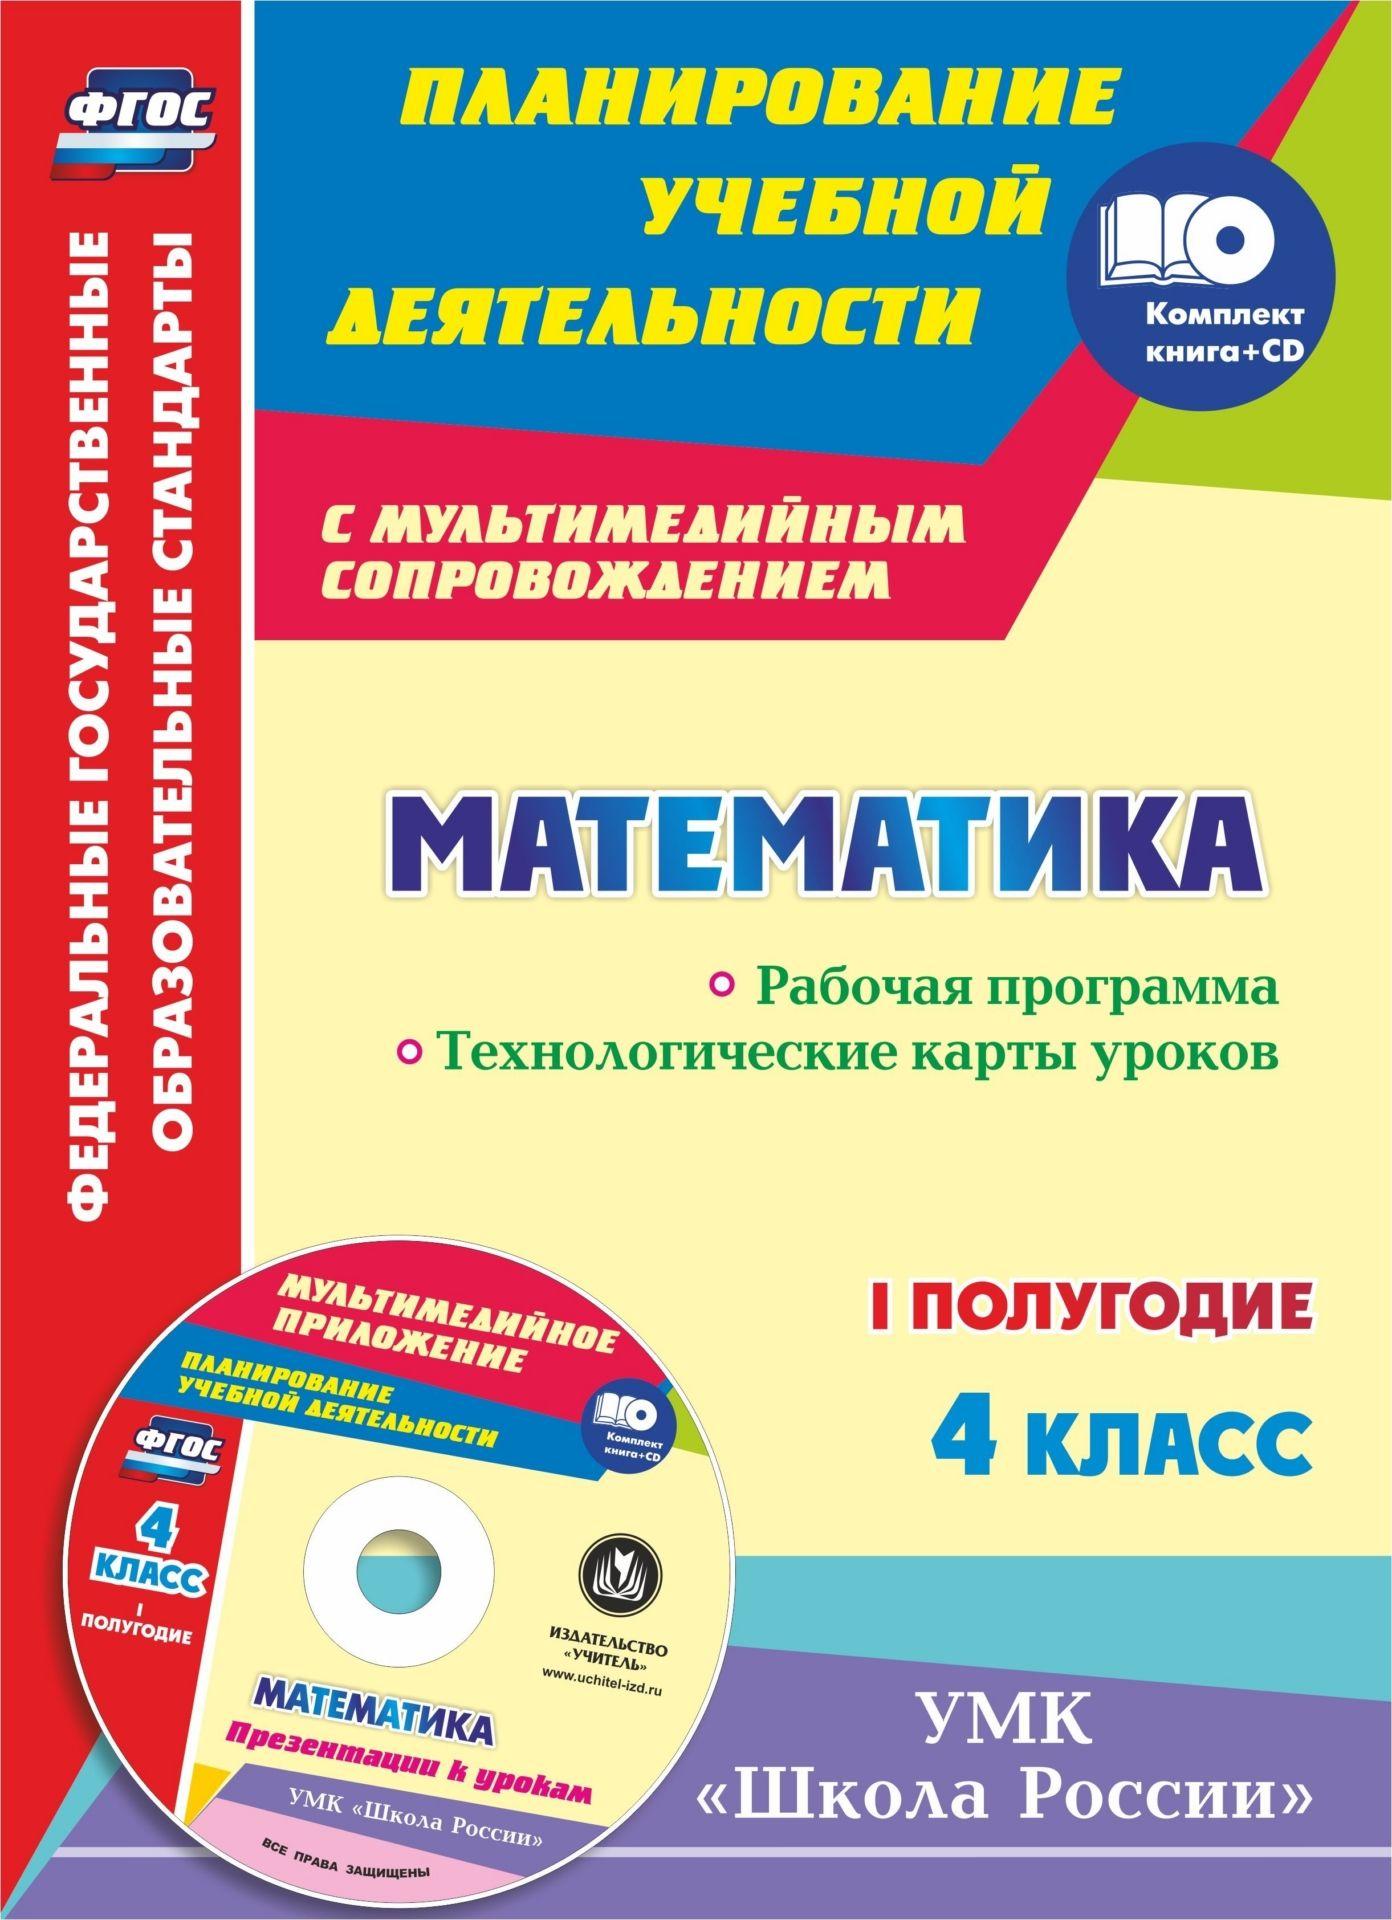 МАТЕМАТИКА 2 КЛАСС МОРО ТЕХНОЛОГИЧЕСКИЕ КАРТЫ СКАЧАТЬ БЕСПЛАТНО